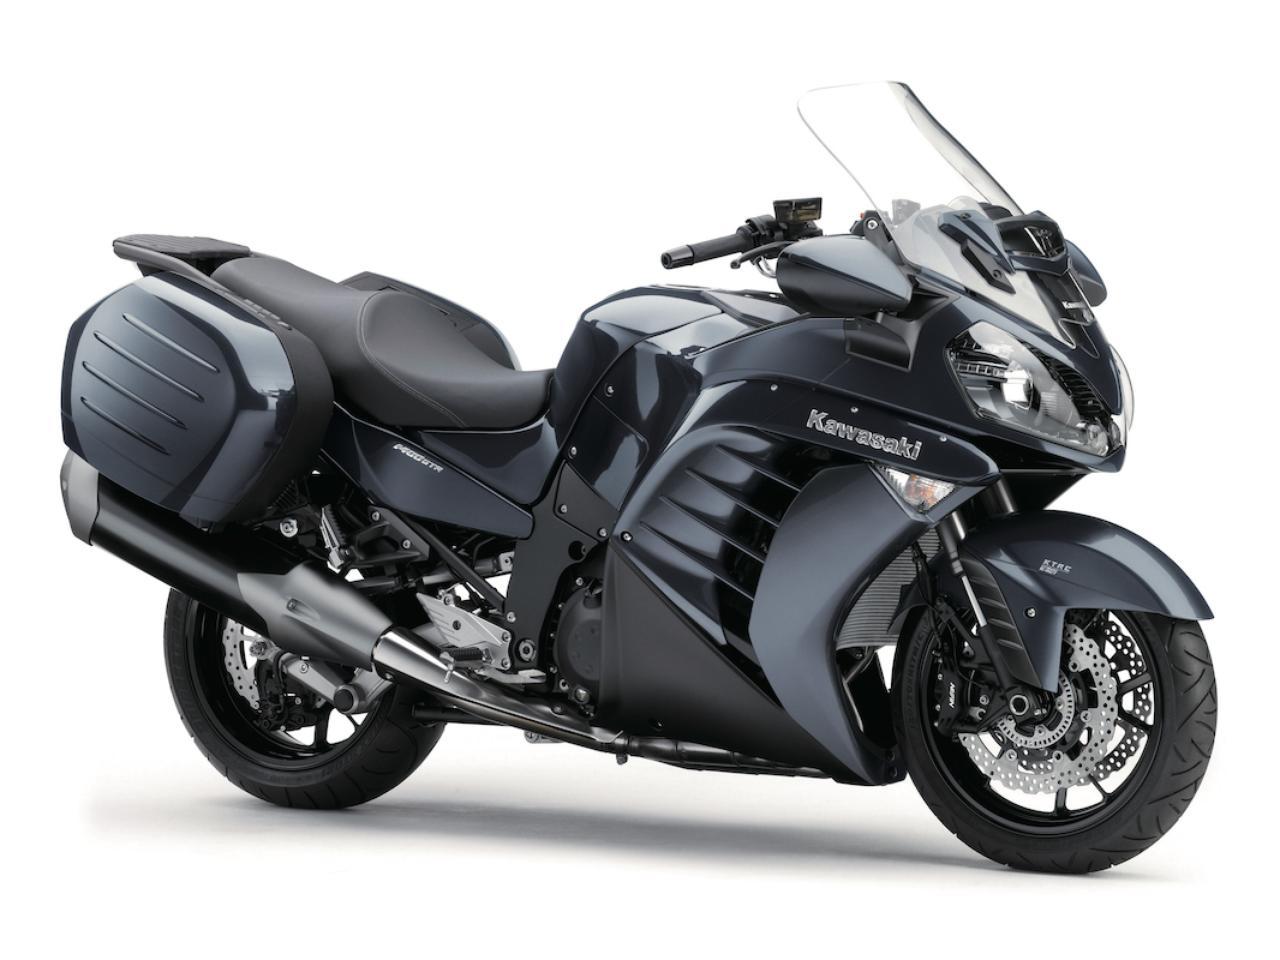 画像: K002 KAWASAKI 1400GTR ■価格:177万1200円 超高速性能と快適性を両立させ、パニアケースも装着したメガツアラー。エンジンは扱いやすさを加える方向へとリファイン、シャフトドライブも採用。ライダーをサポートする各種装備も満載されている。